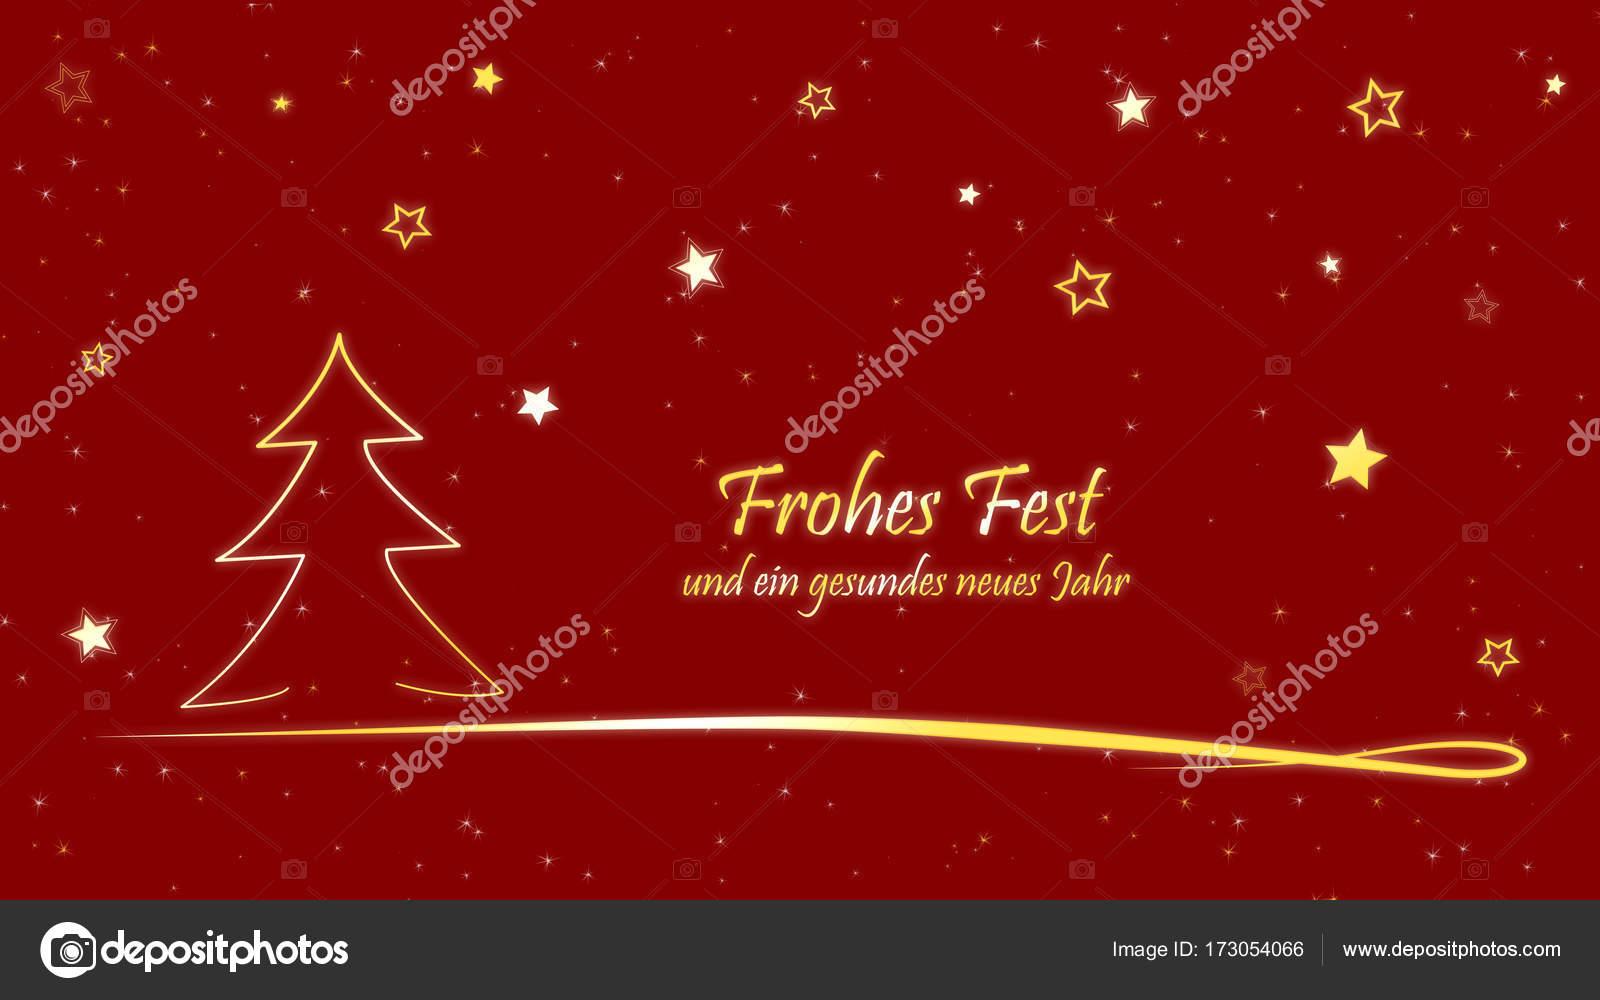 Weihnachtskarte Frohe Weihnachten und ein glückliches neues Jahr ...